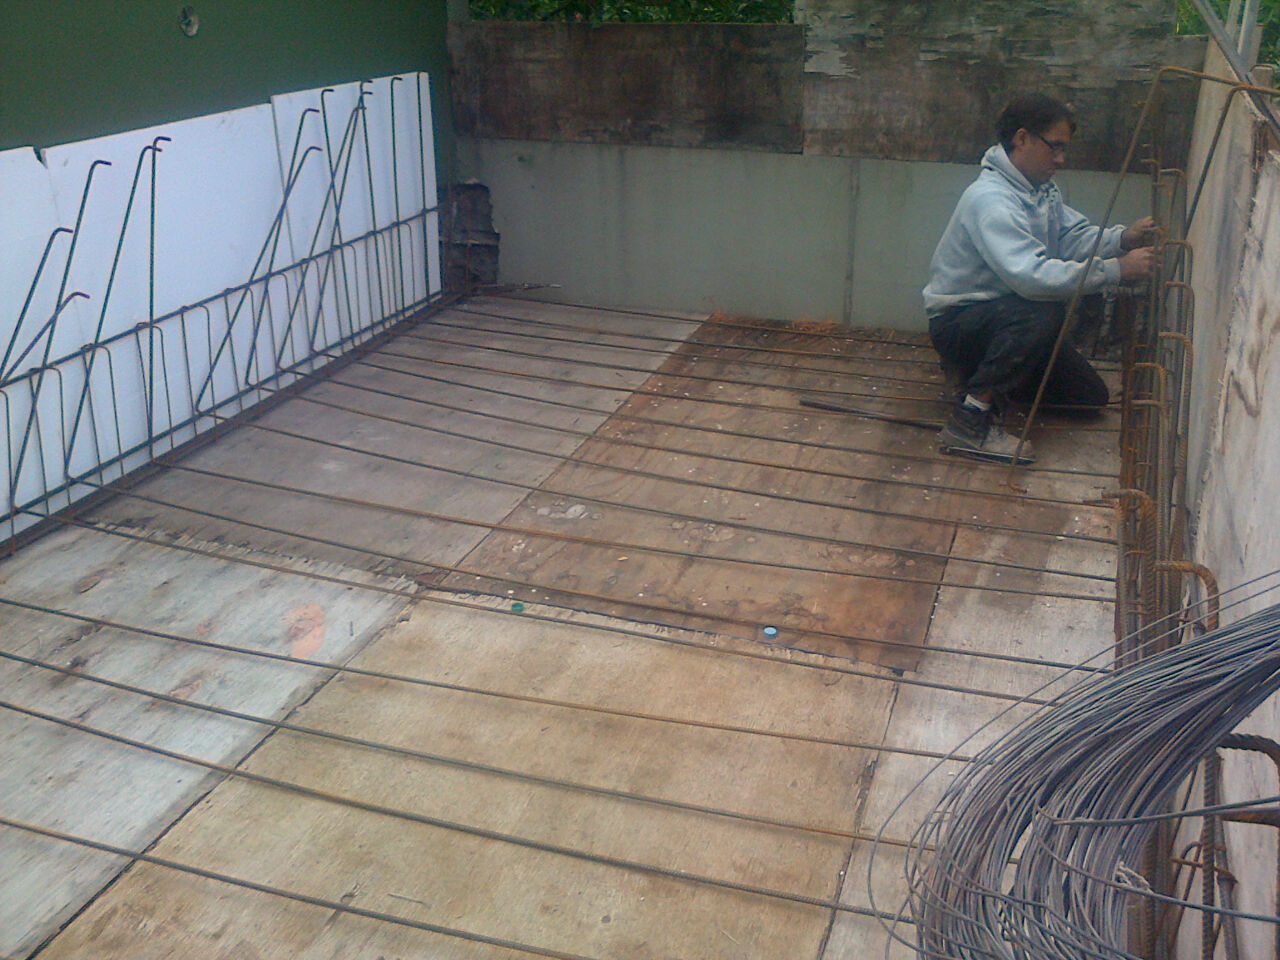 Construcci n de piscinas en terrazas y azoteas nueva - Piscinas en terrazas ...